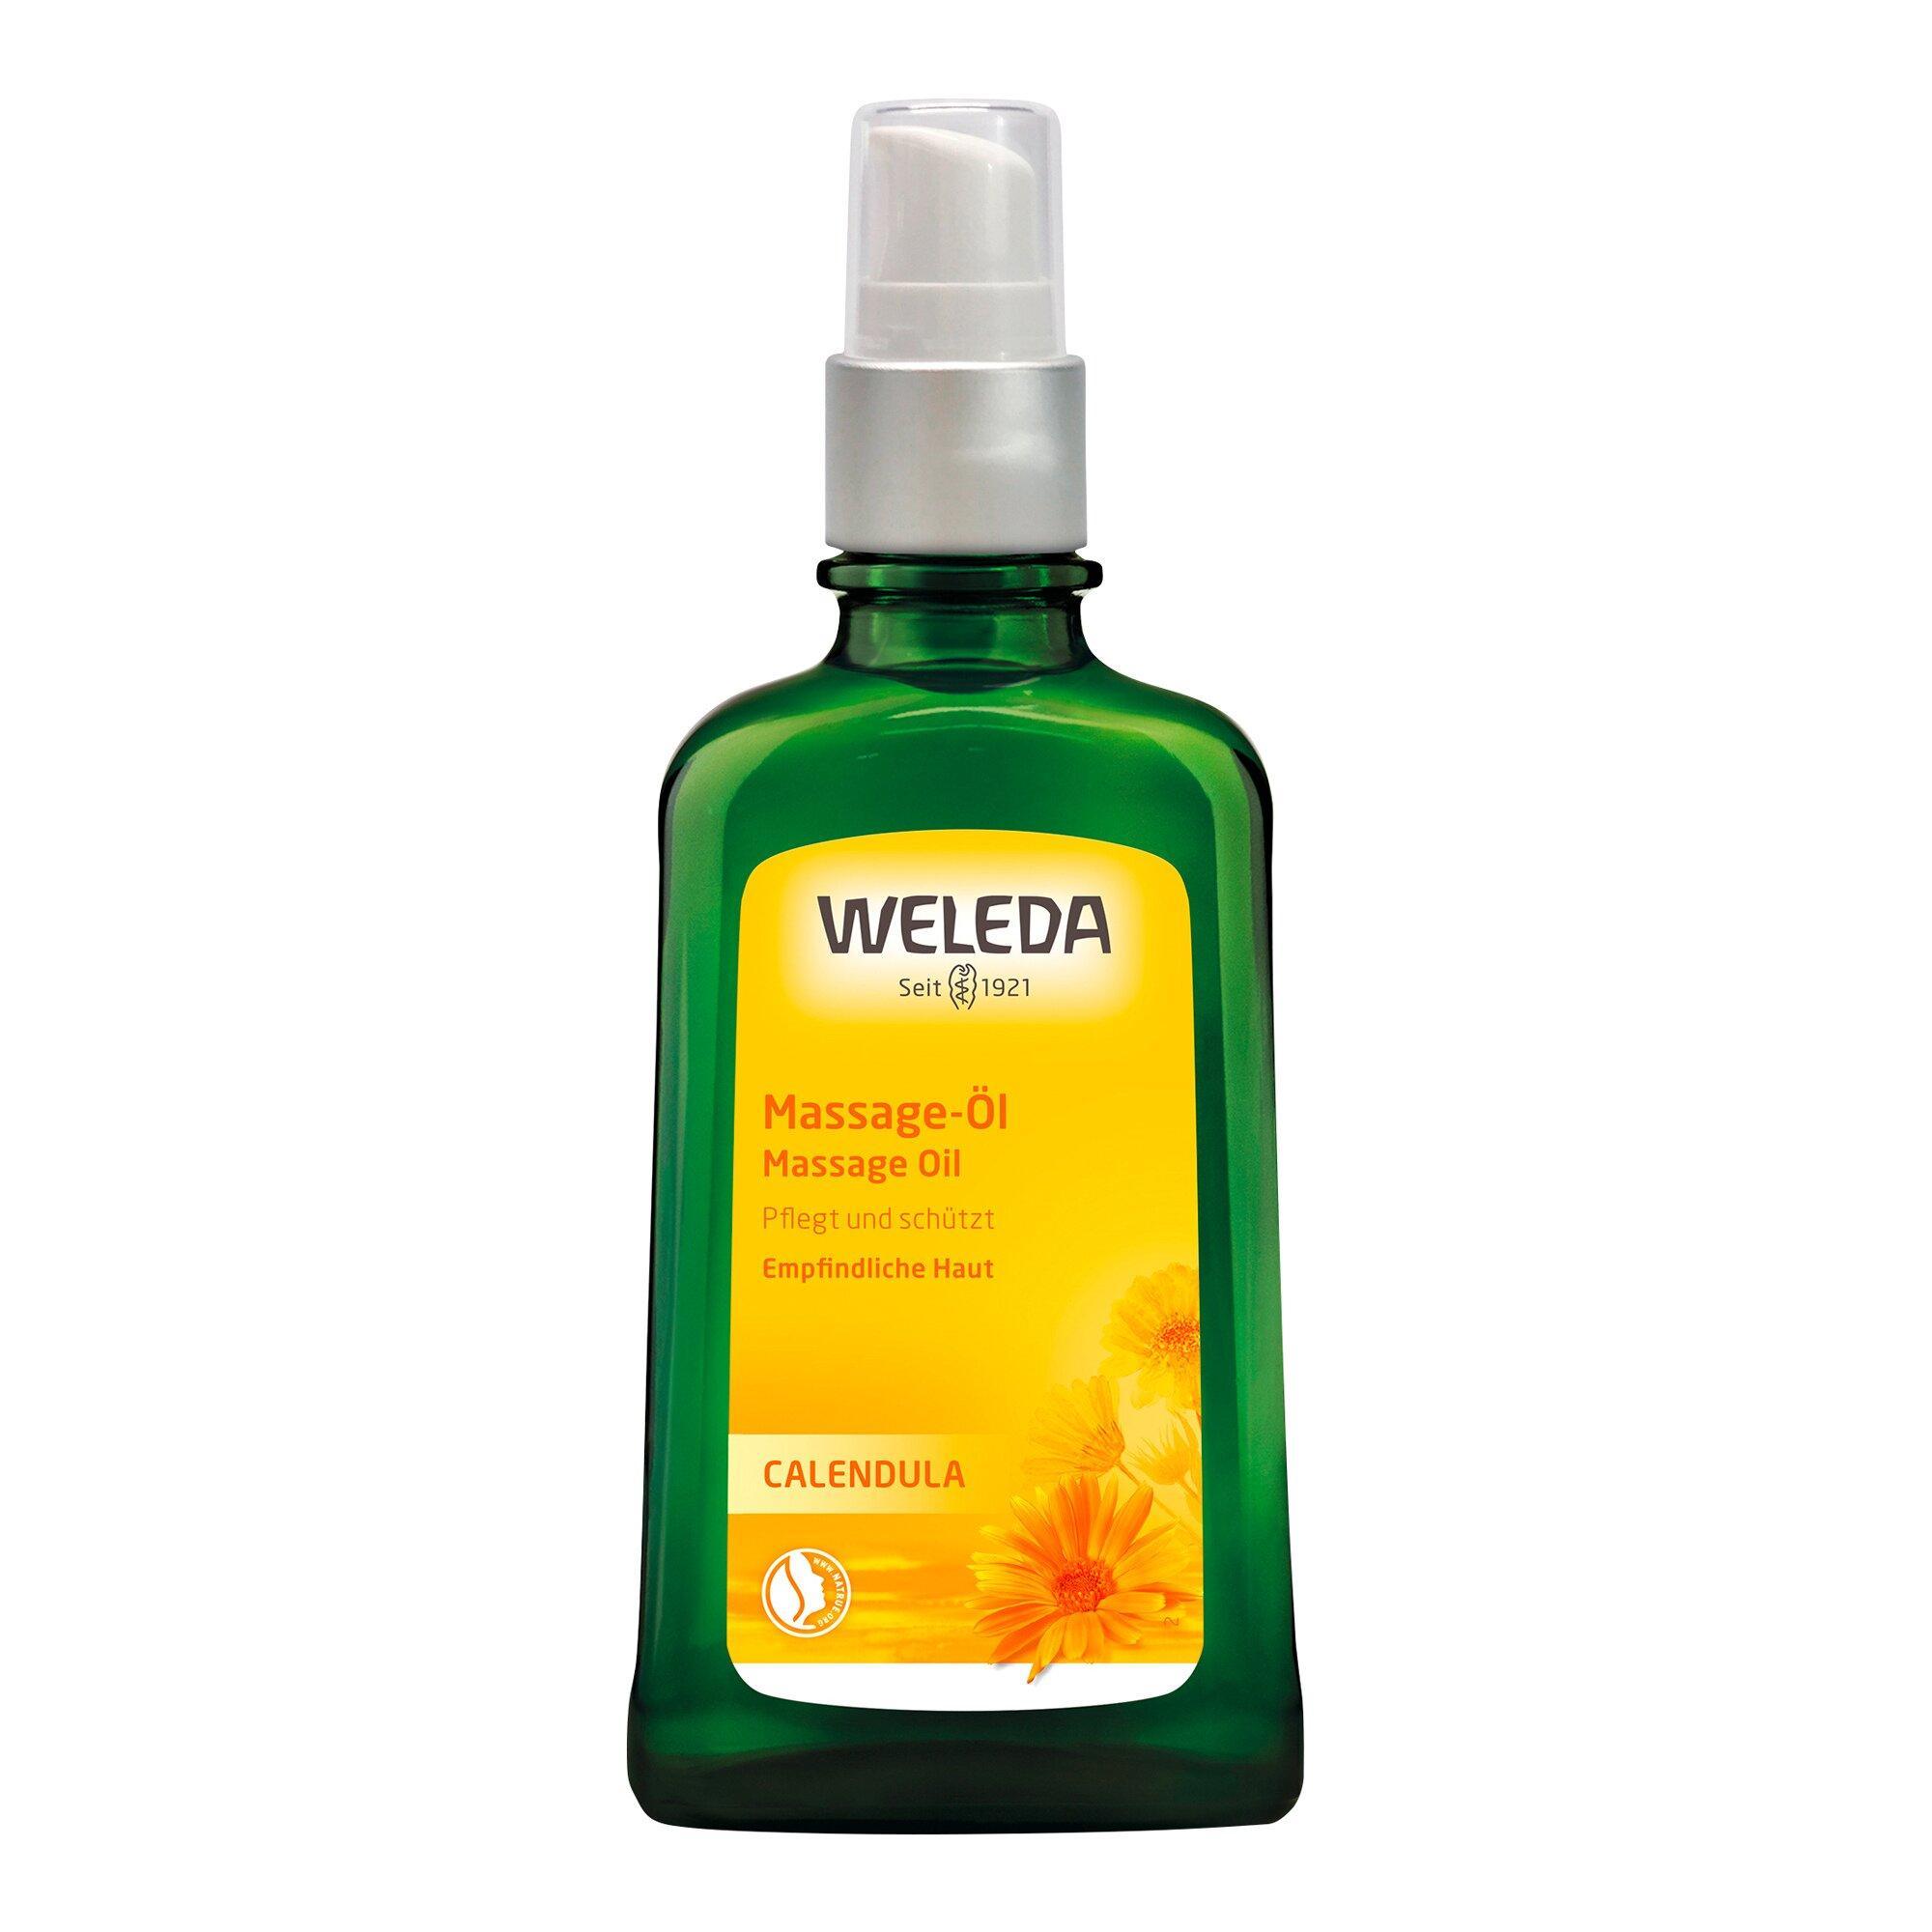 Calendula Massage-Öl 100 ml